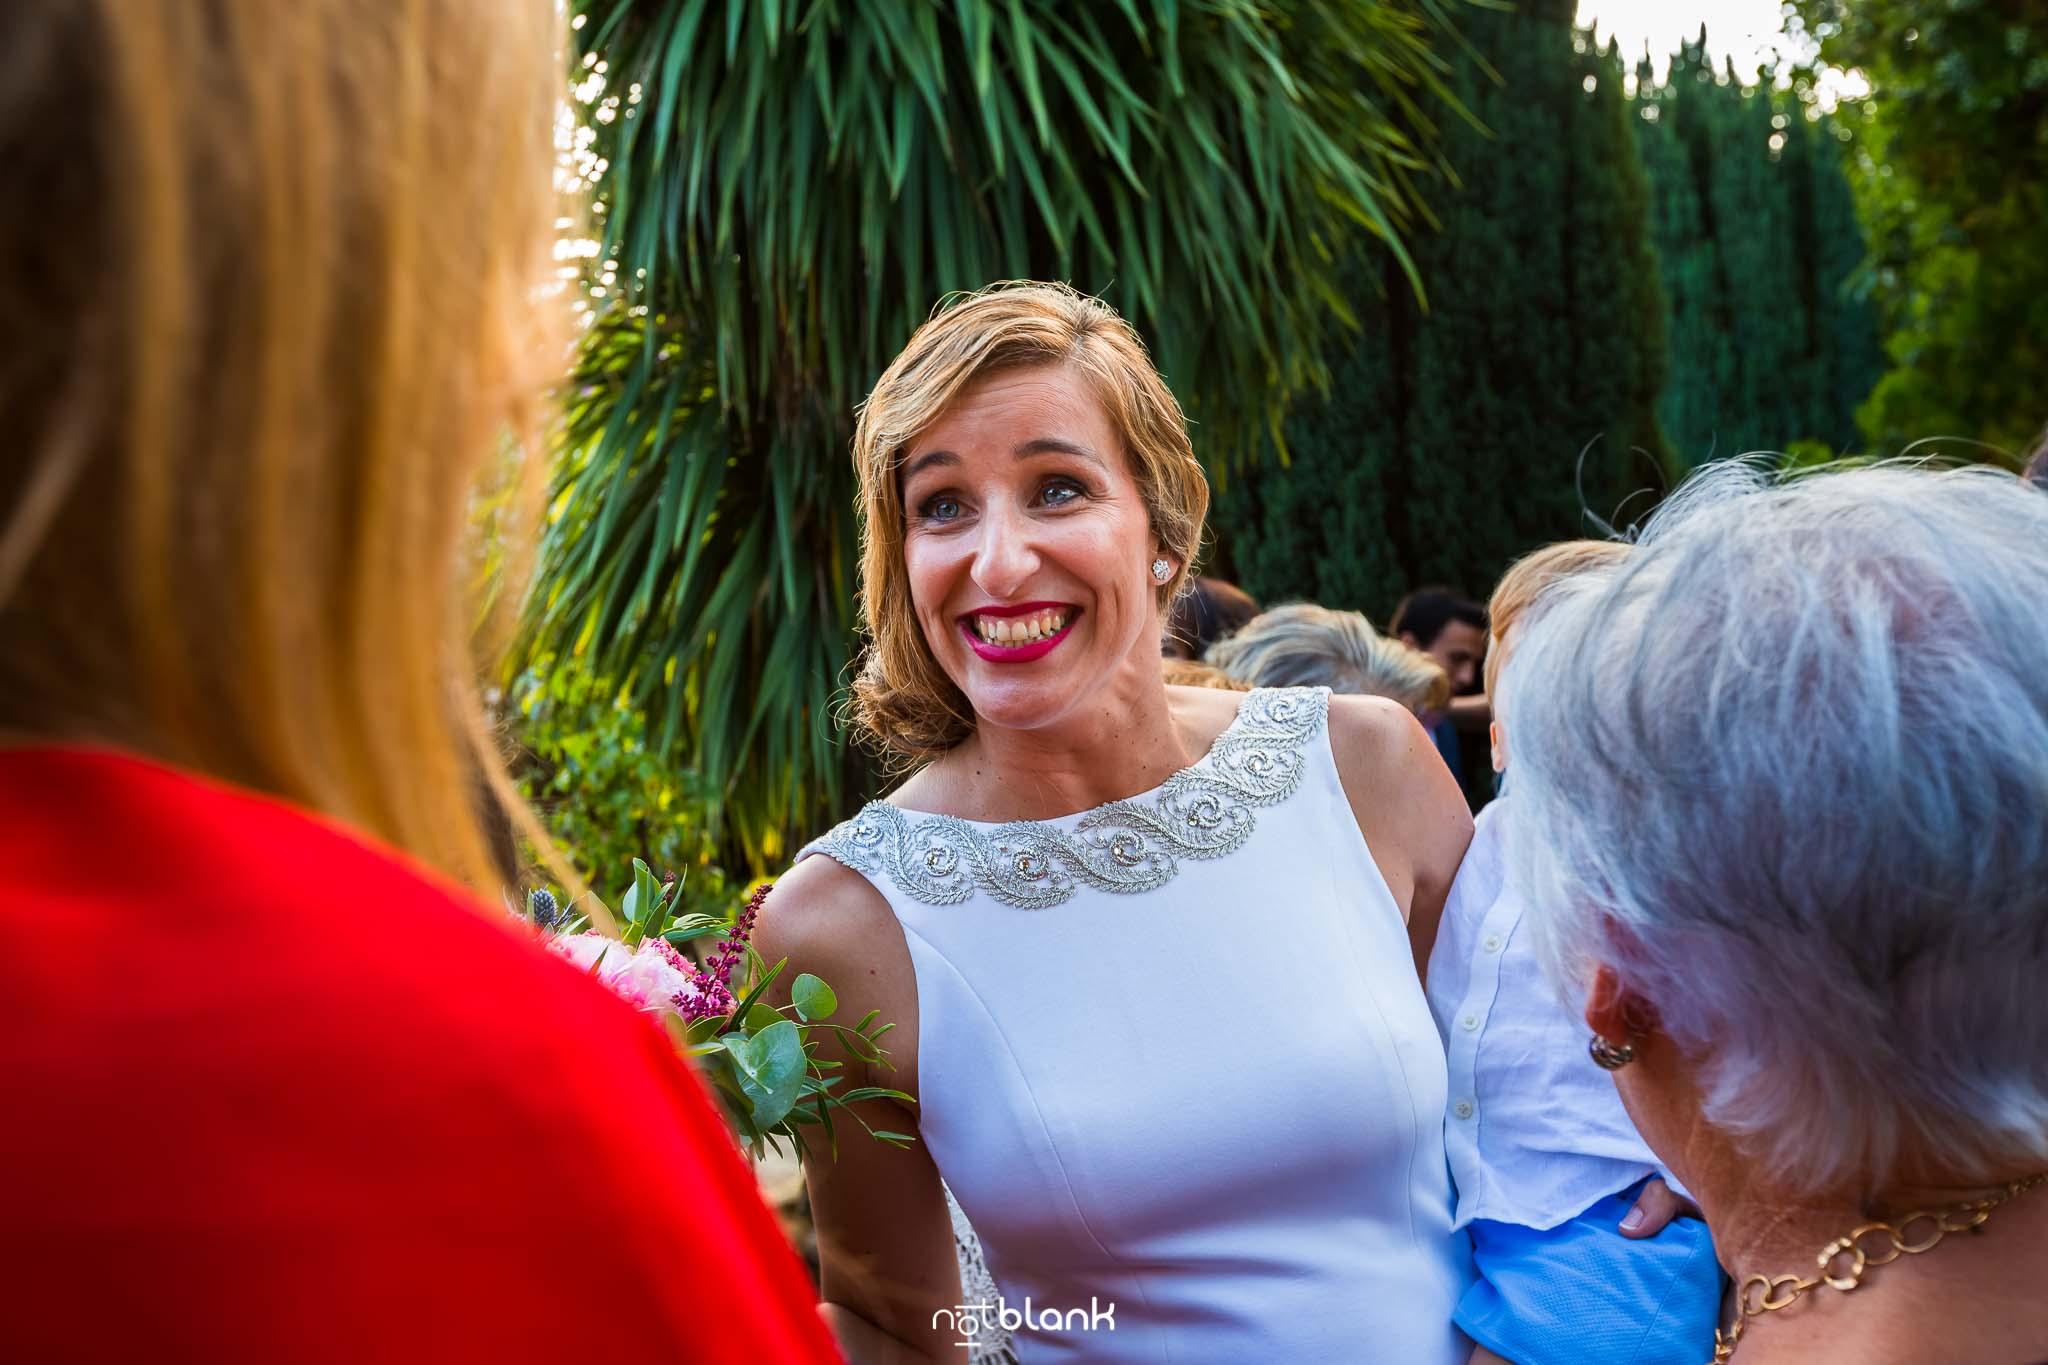 Boda En El Jardin De Casa Jana y Fran - La novia sonrie mientras la felicitan por su boda civil - Notblank Fotografos de boda